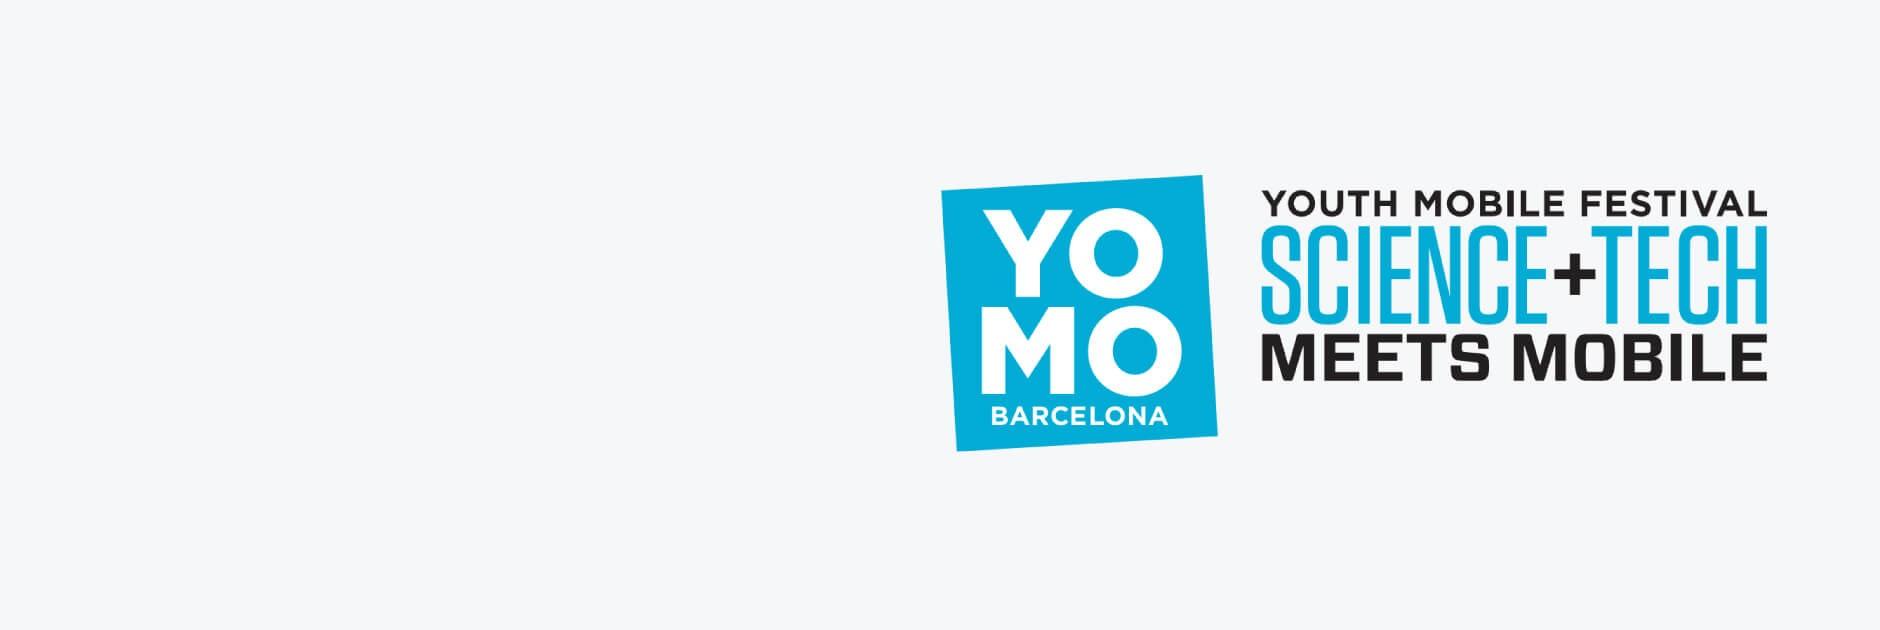 YoMo Barcelona 2018